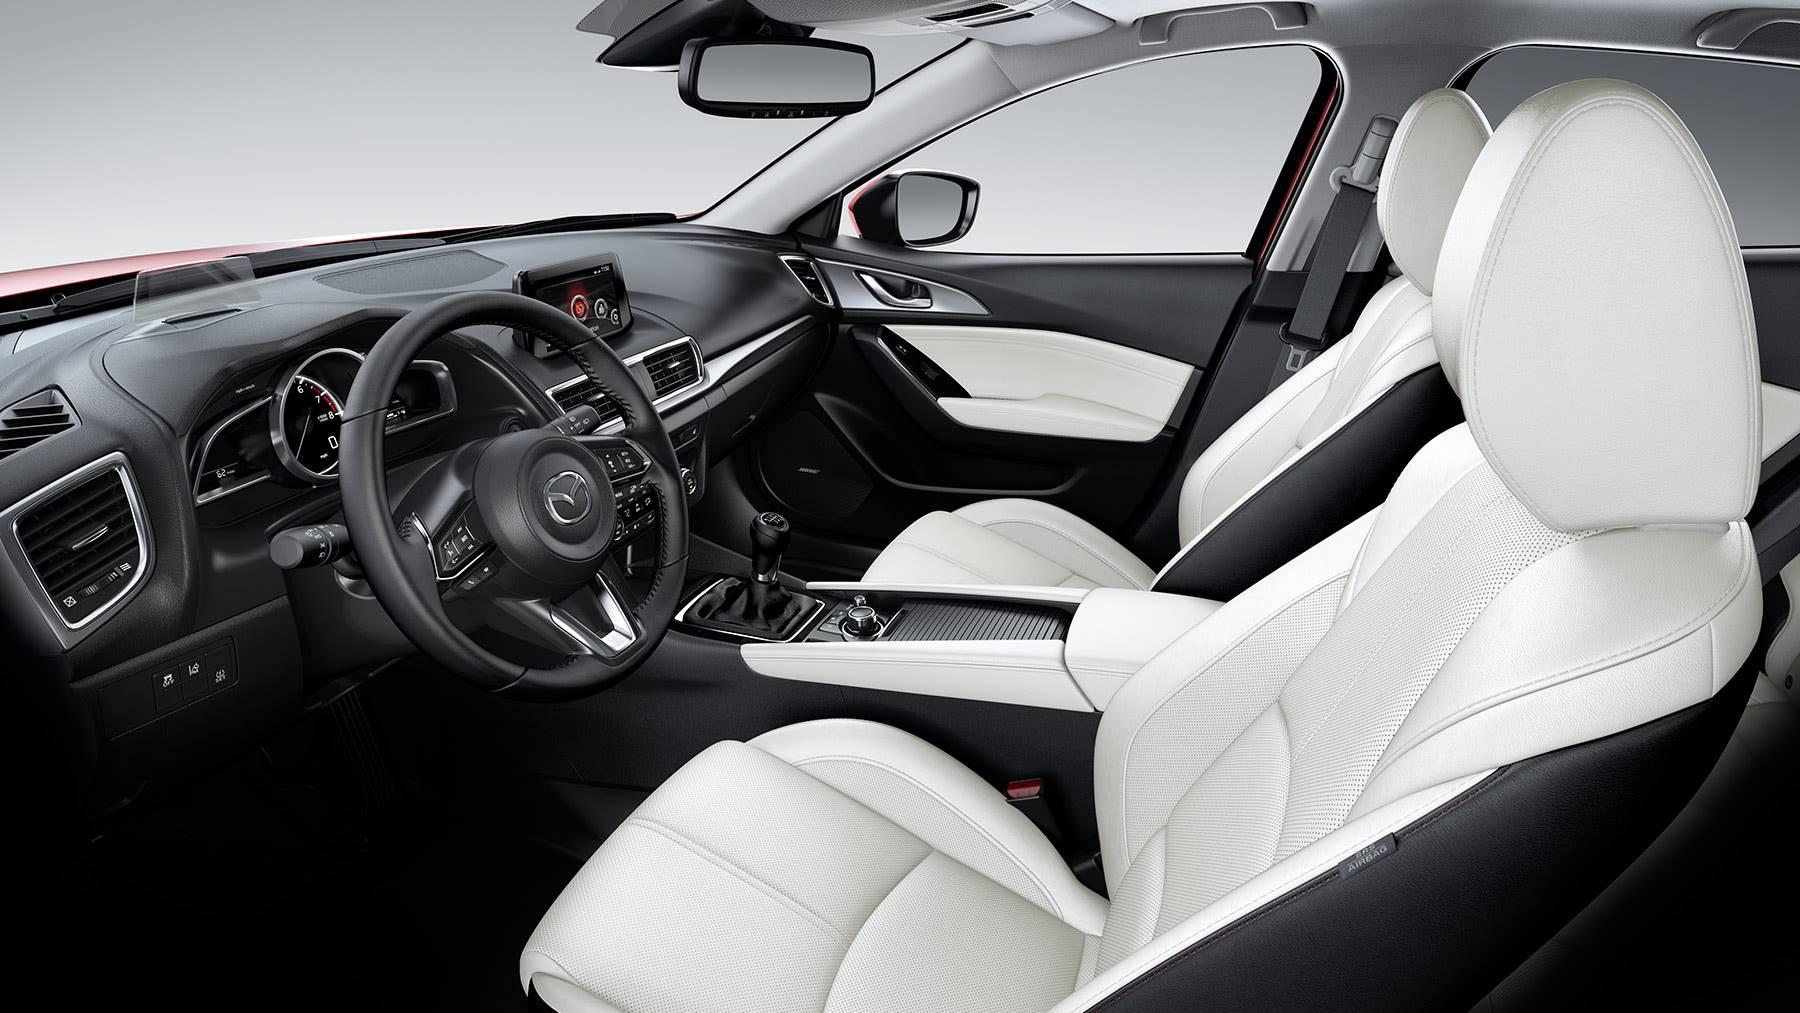 Interior of the 2018 Mazda3